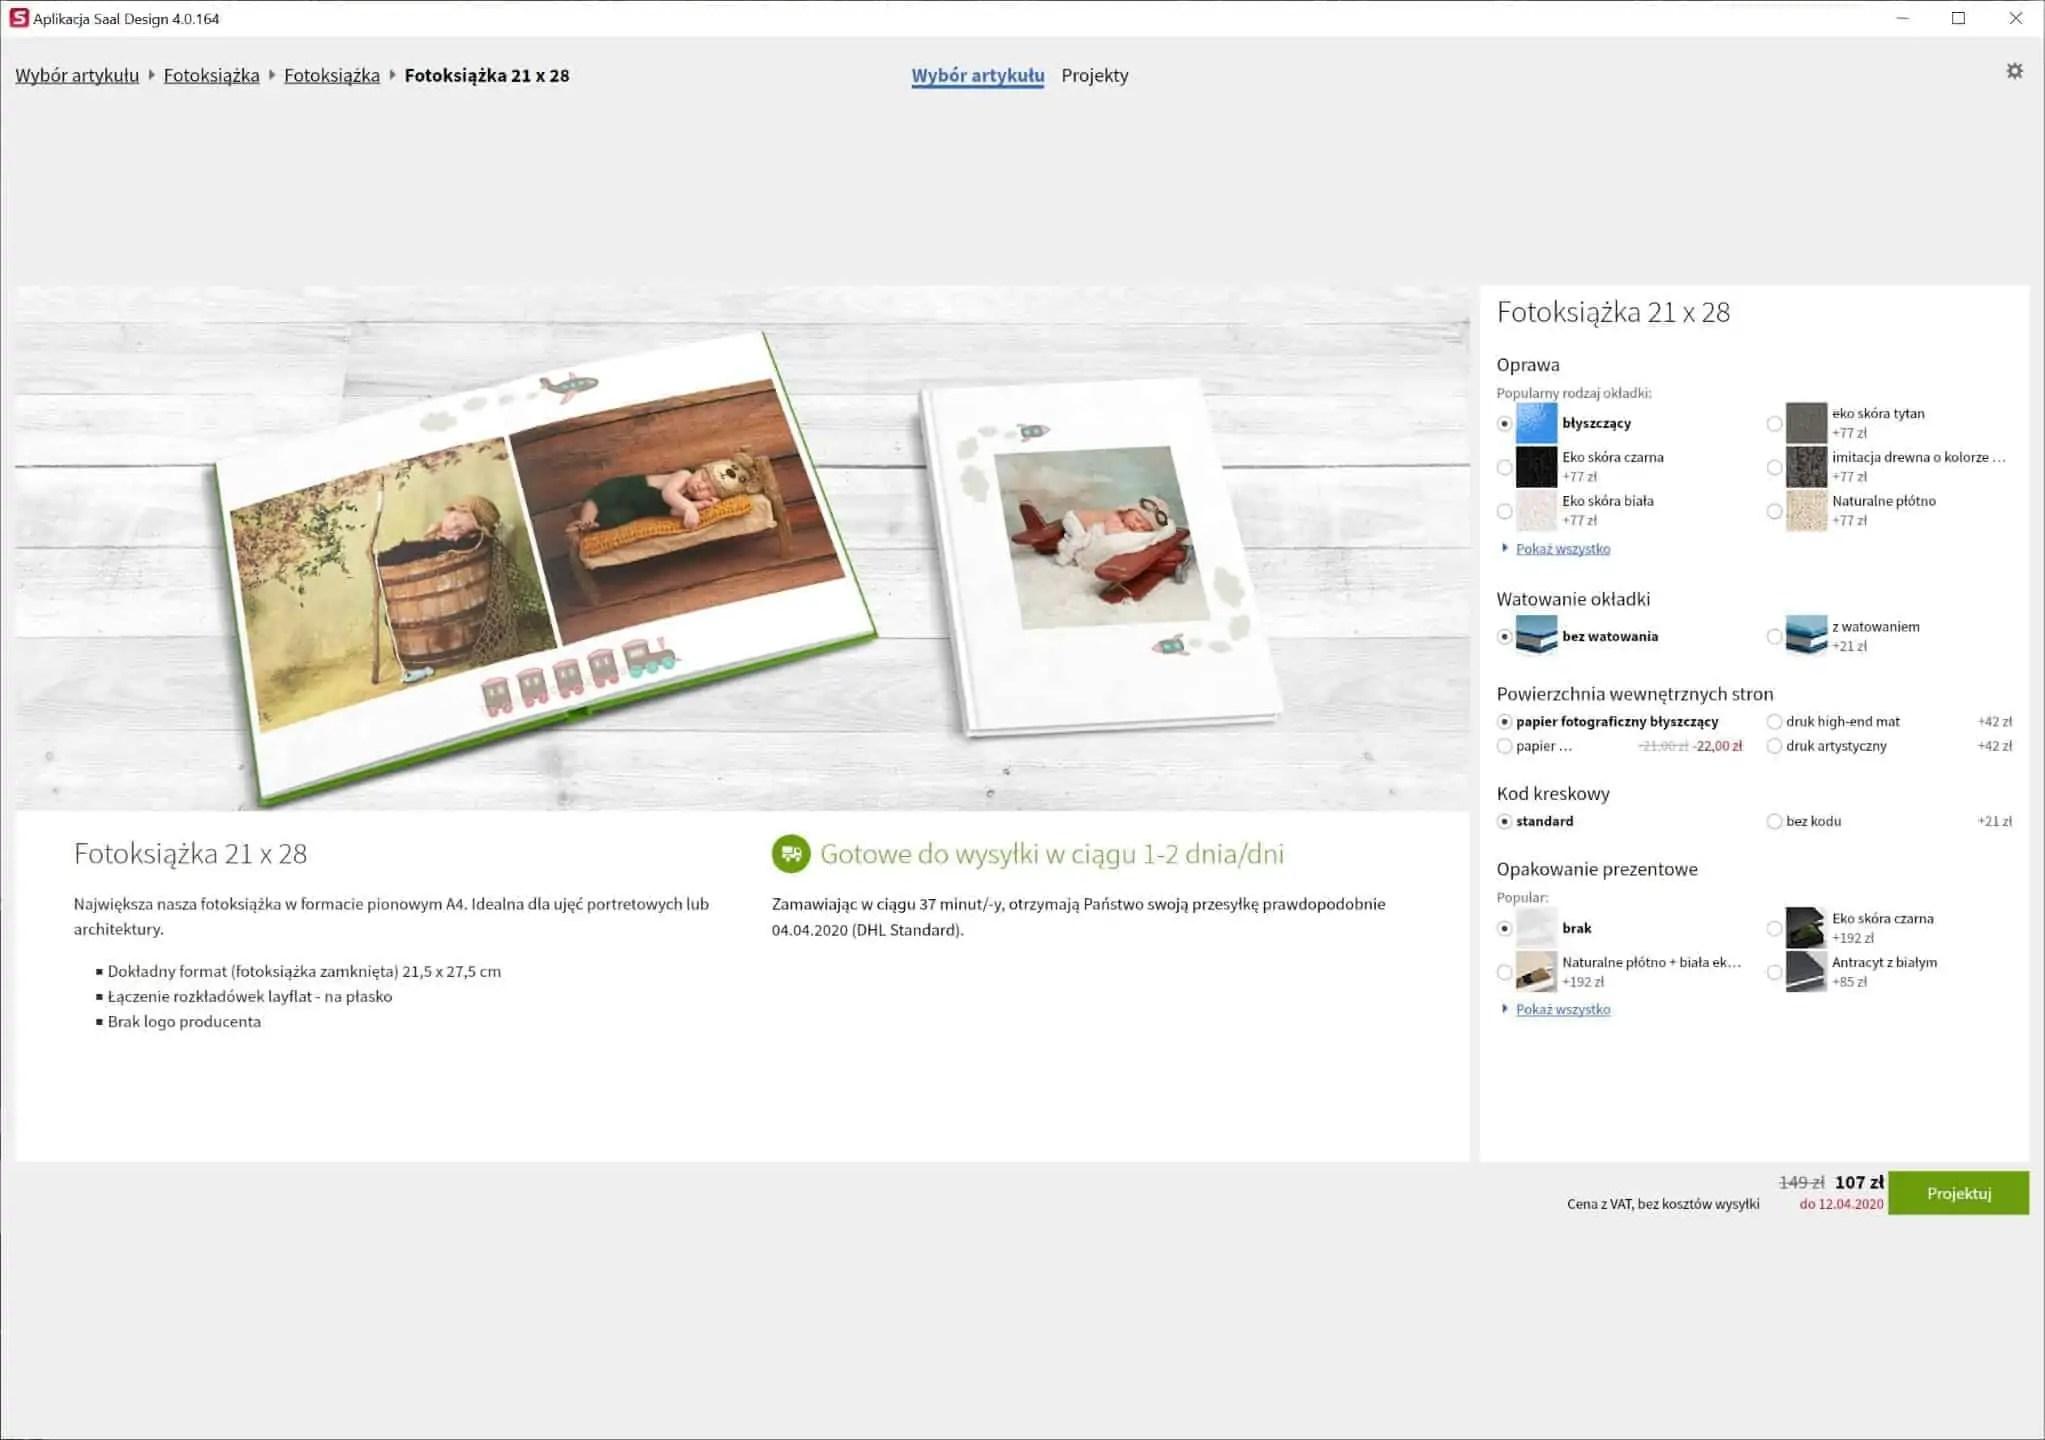 aplikacja saal digital wybor książki i elementów  - Saal design, pixbook - książki fotograficzne